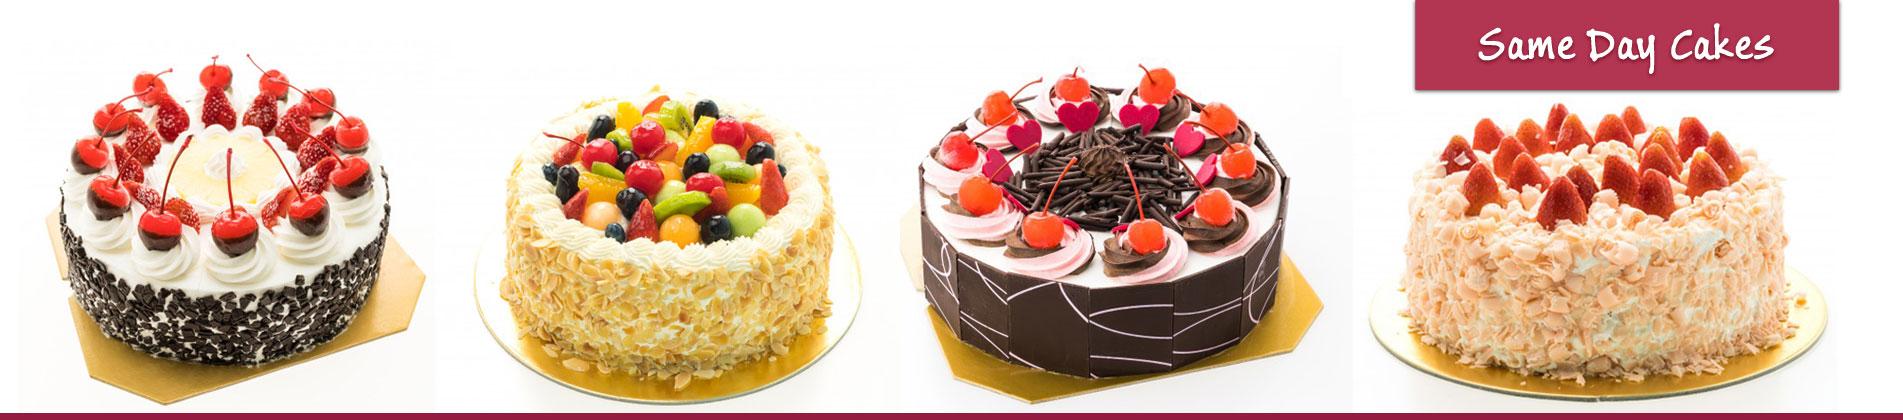 Same Day Cake